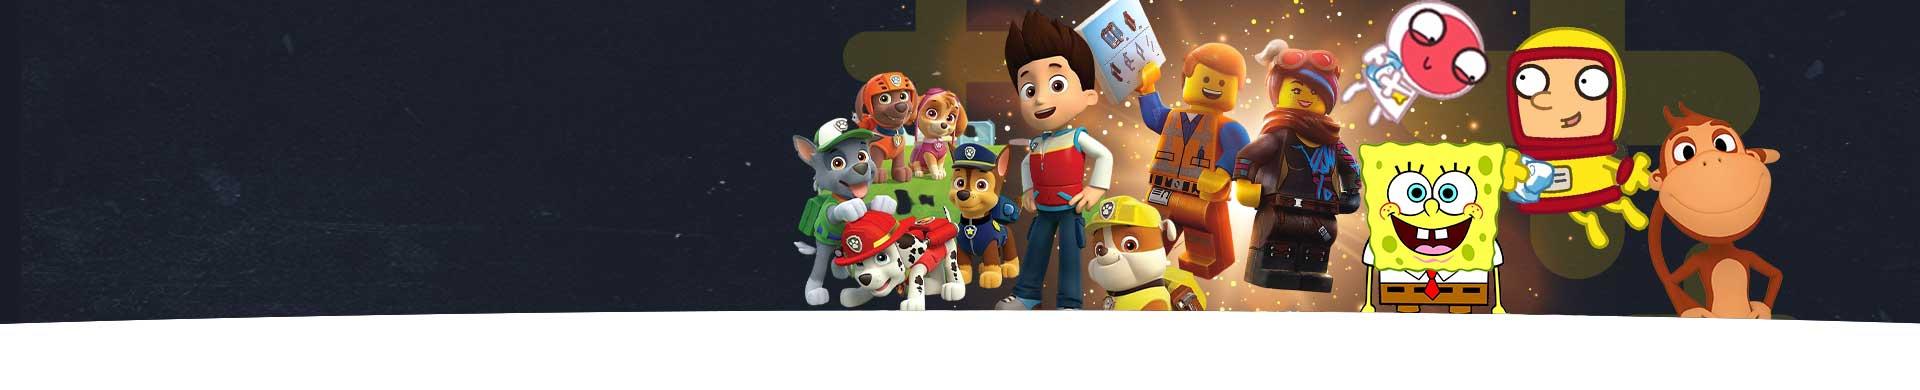 Çocuklar için güvenli ve eğlenceli çizgi filmler TV+'ta!